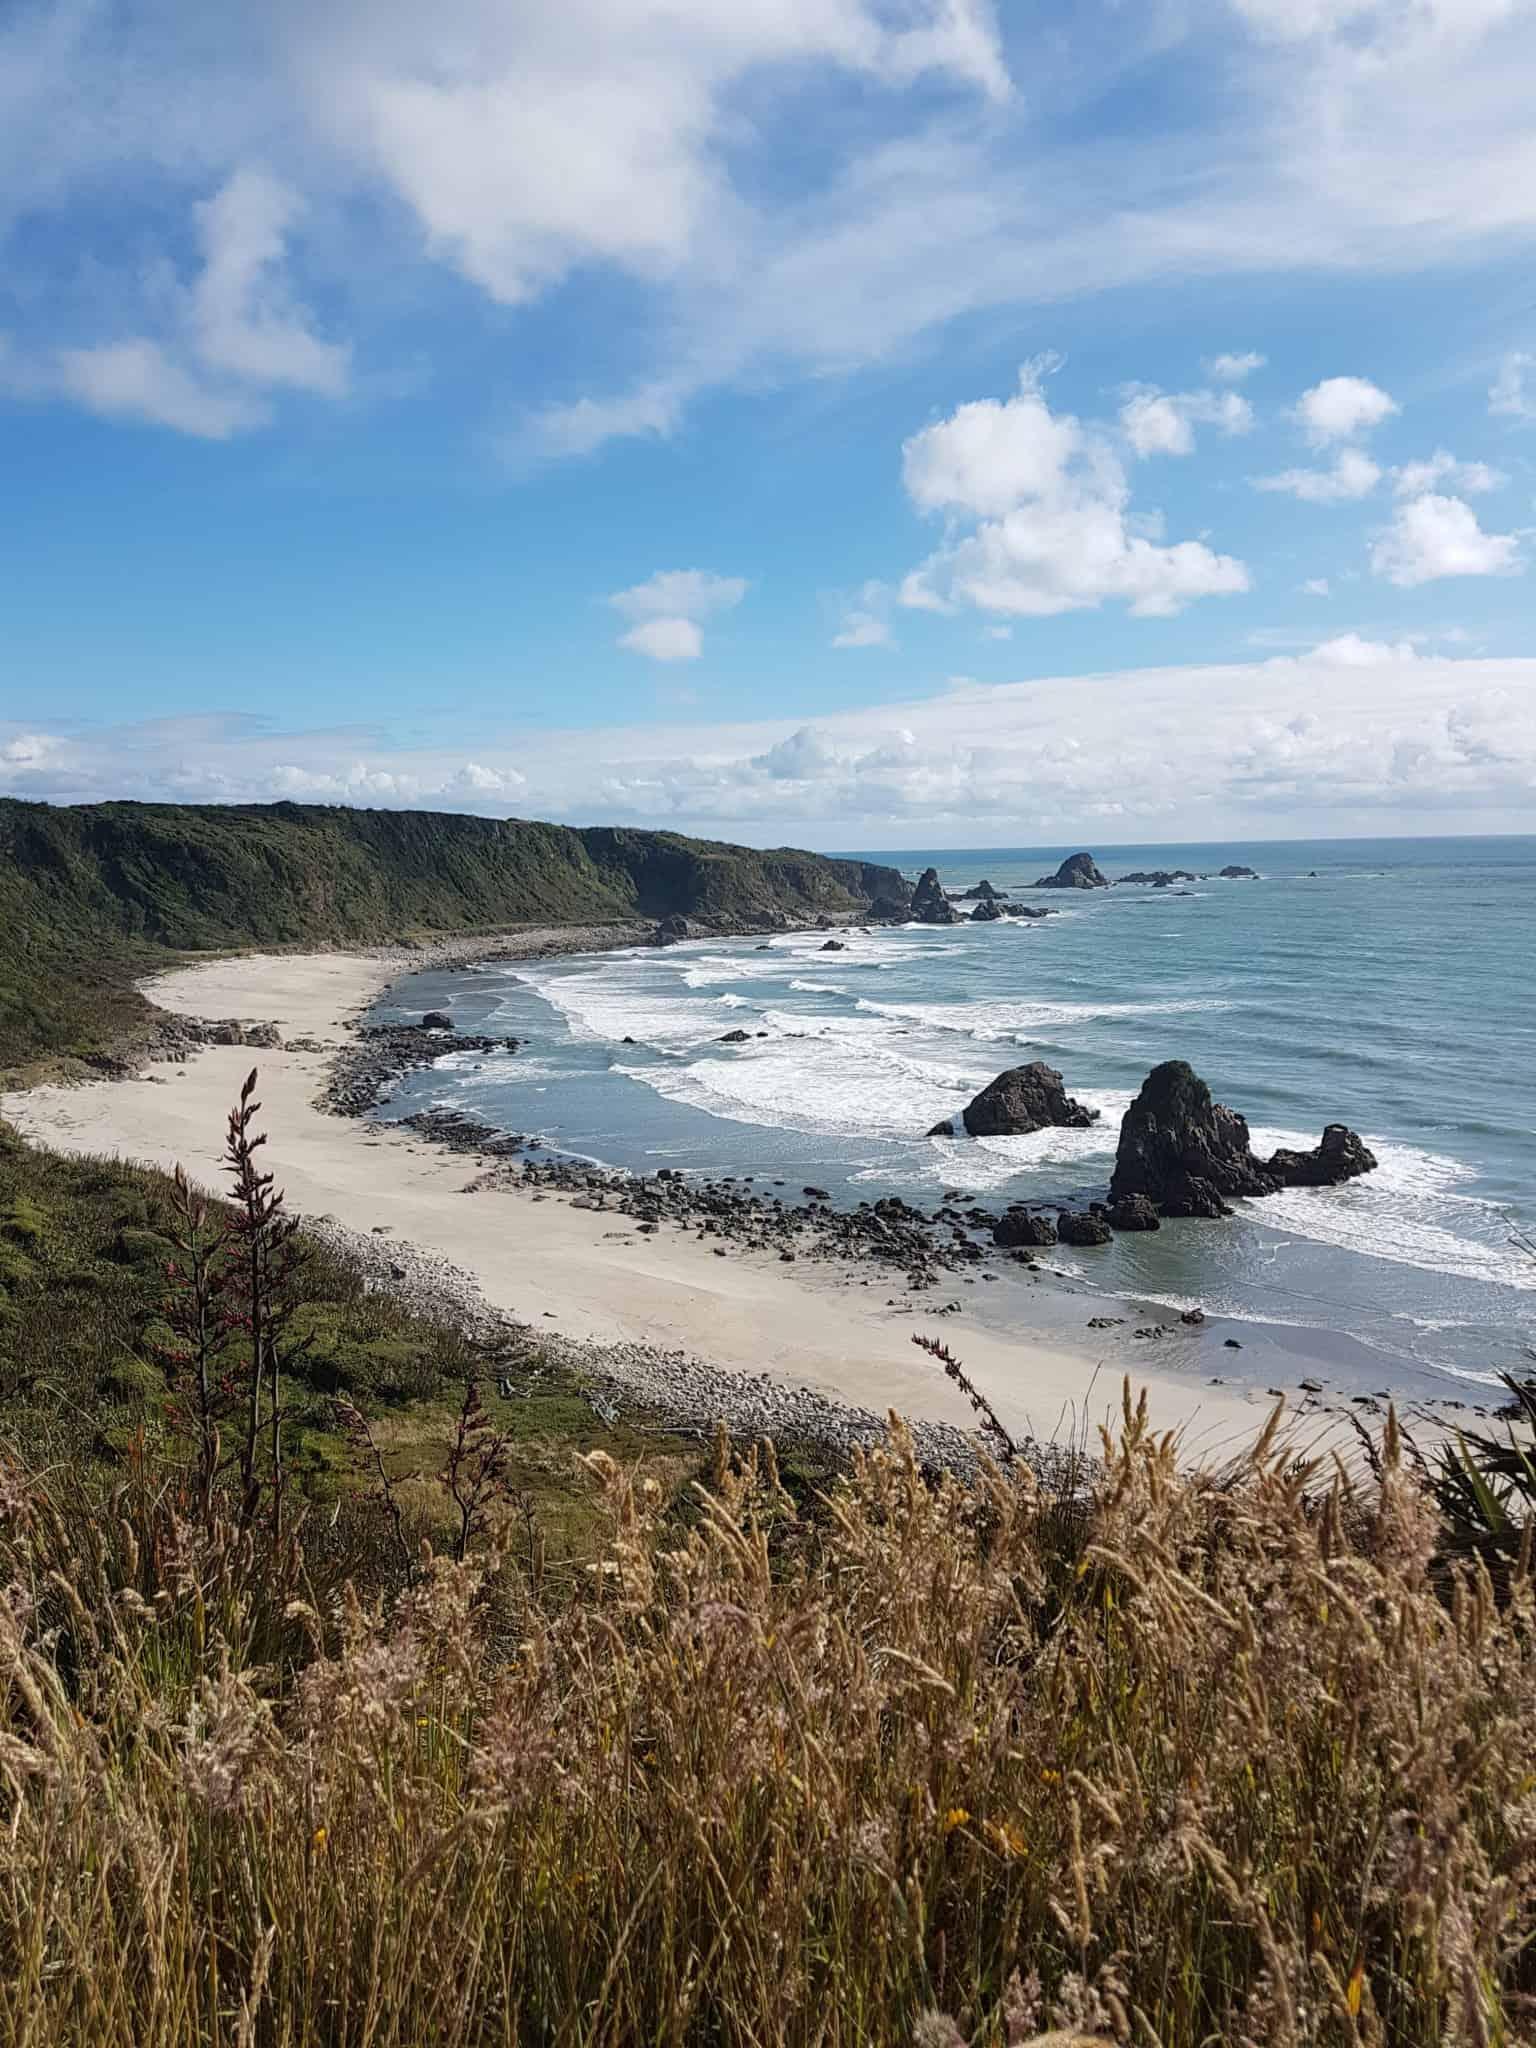 Nouvelle-Zélande, le Cap Foulwind et sa côte sauvage 🌿 16